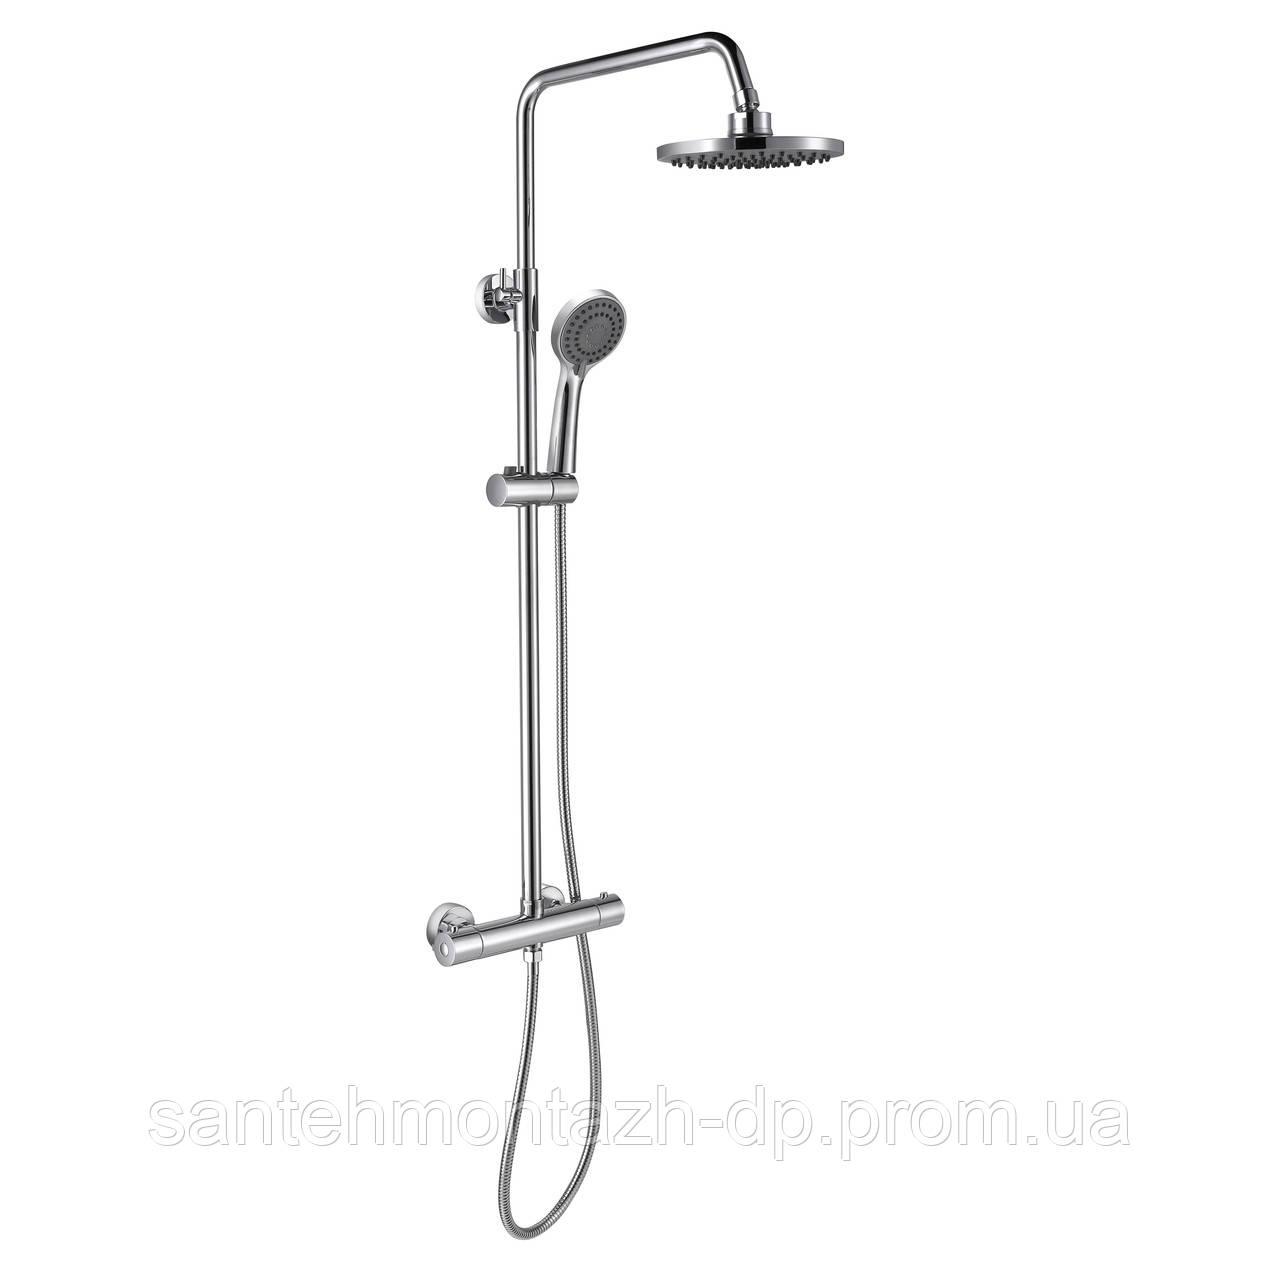 LUX система душевая c термостатом (верхний душ 200мм, ручной душ 3 режима)